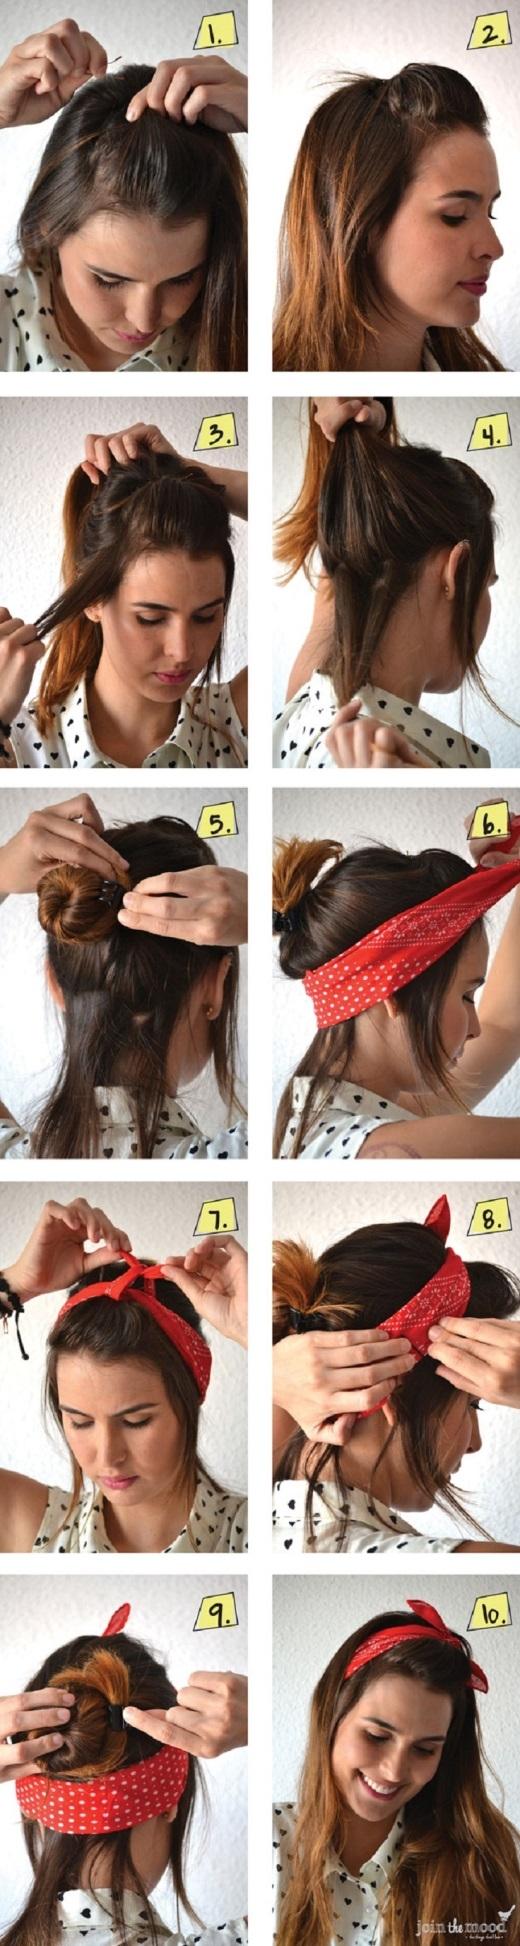 Một kiểu thắt khăn cực kì đơn giản với sự kết hợp giữa búi tóc + xõa tóc + khăn turban.